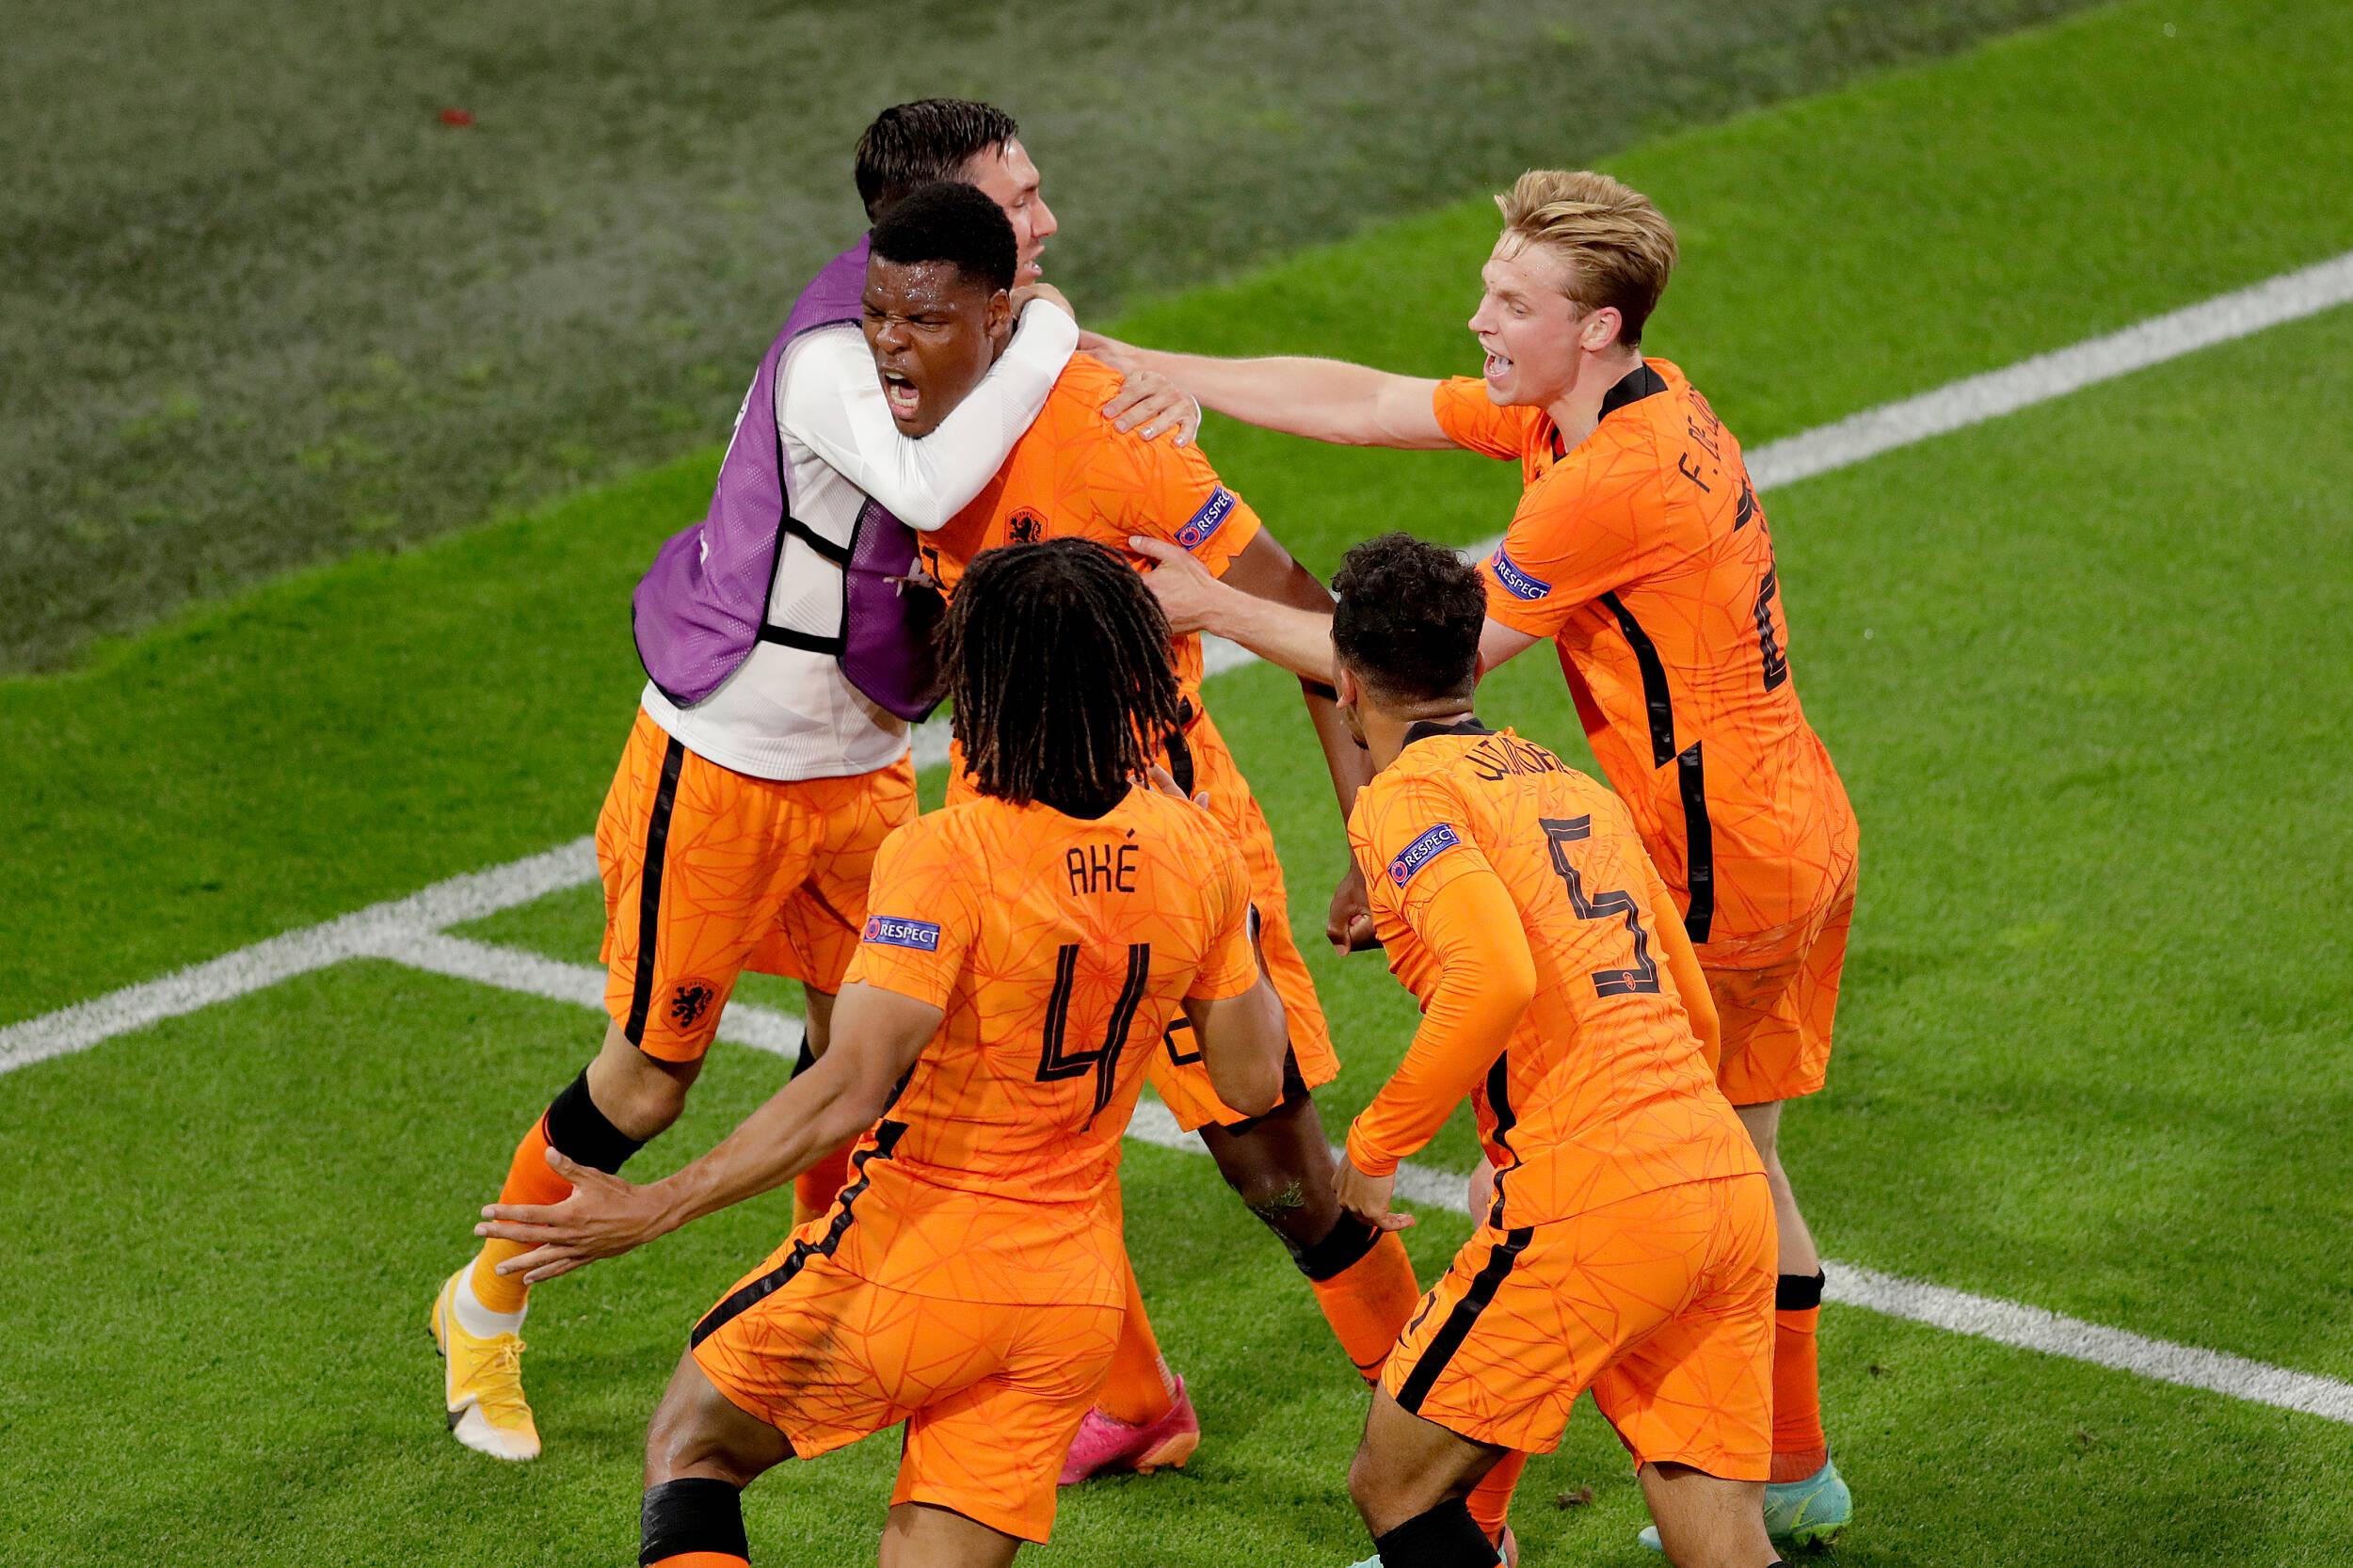 视频丨欧洲杯荷兰3-2乌克兰 邓弗里斯85分完成绝杀当选本场最佳